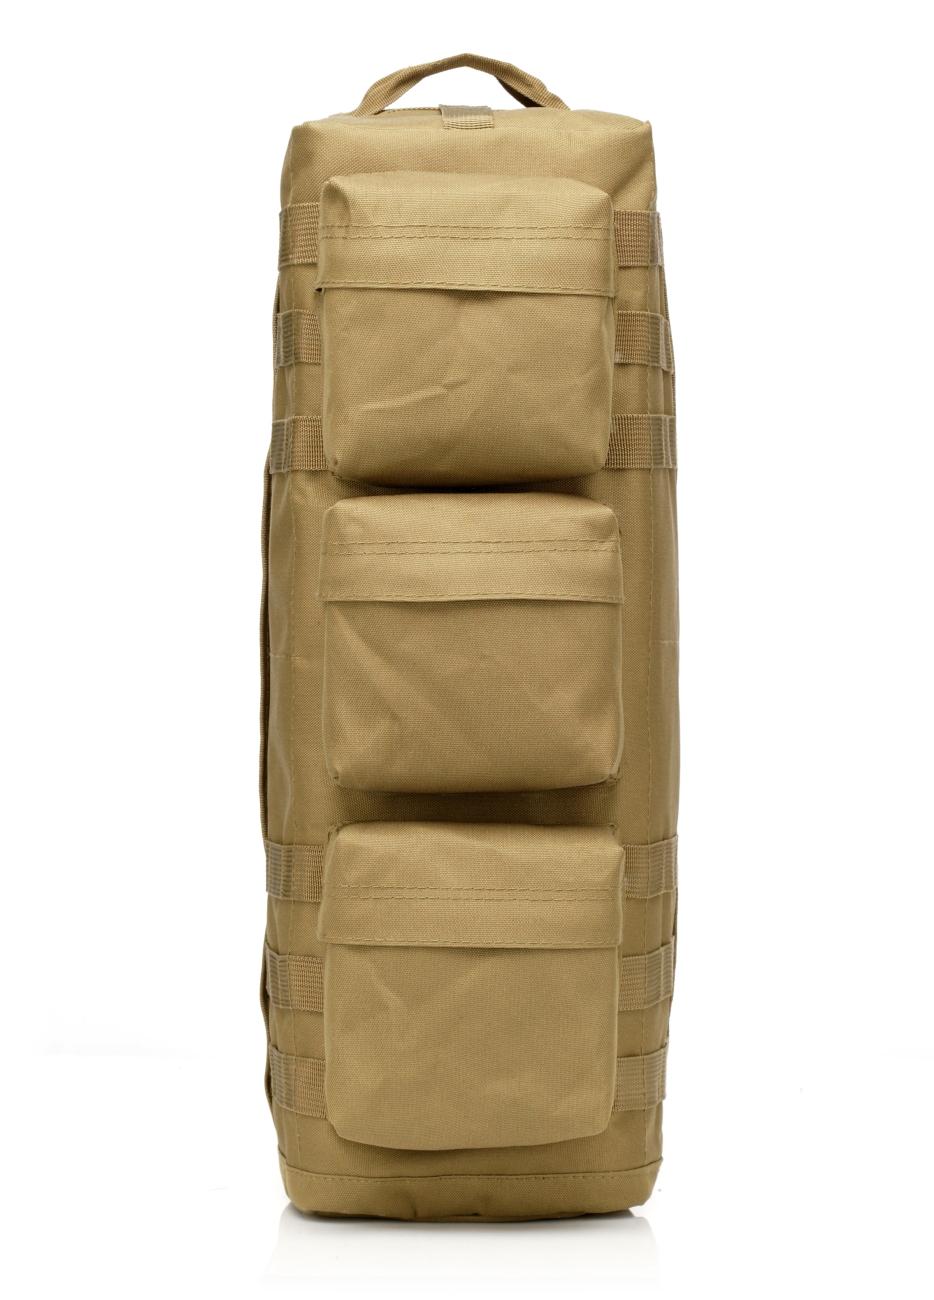 Охотничий рюкзак для винтовки оптом и в розницу